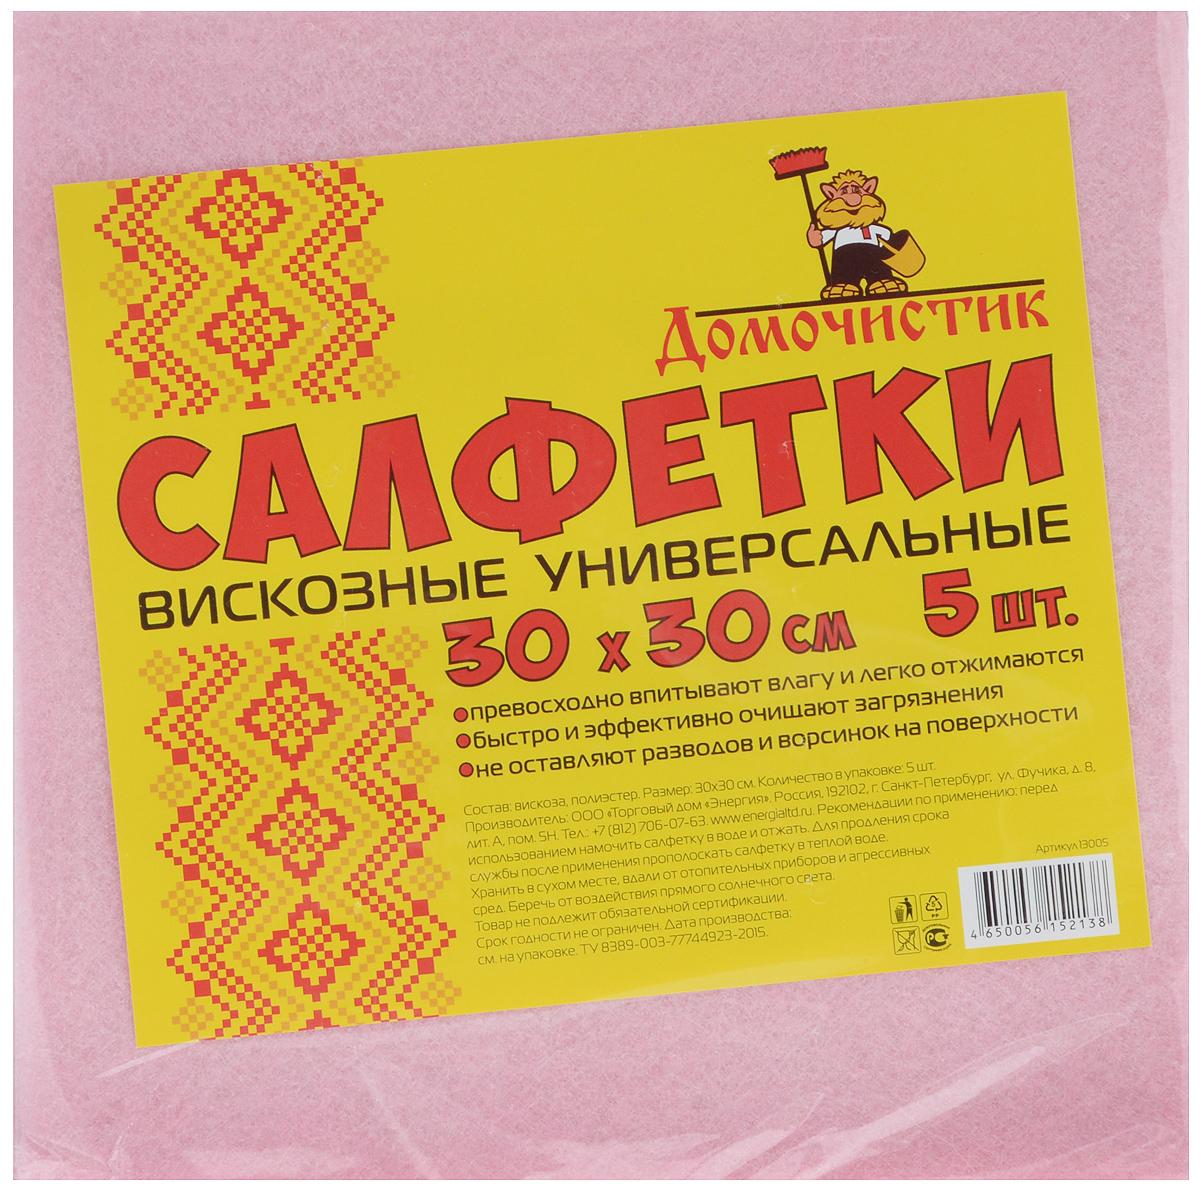 Салфетка для уборки Домочистик, универсальная, цвет: розовый, 30 x 30 см, 5 шт13005_розовыйУниверсальные салфетки для уборки Домочистик, выполненные из вискозы и полиэстера, превосходно впитывают влагу и легко отжимаются. Они быстро и эффективно очищают загрязнения, не оставляя разводов. Размер салфетки: 30 x 30 см.